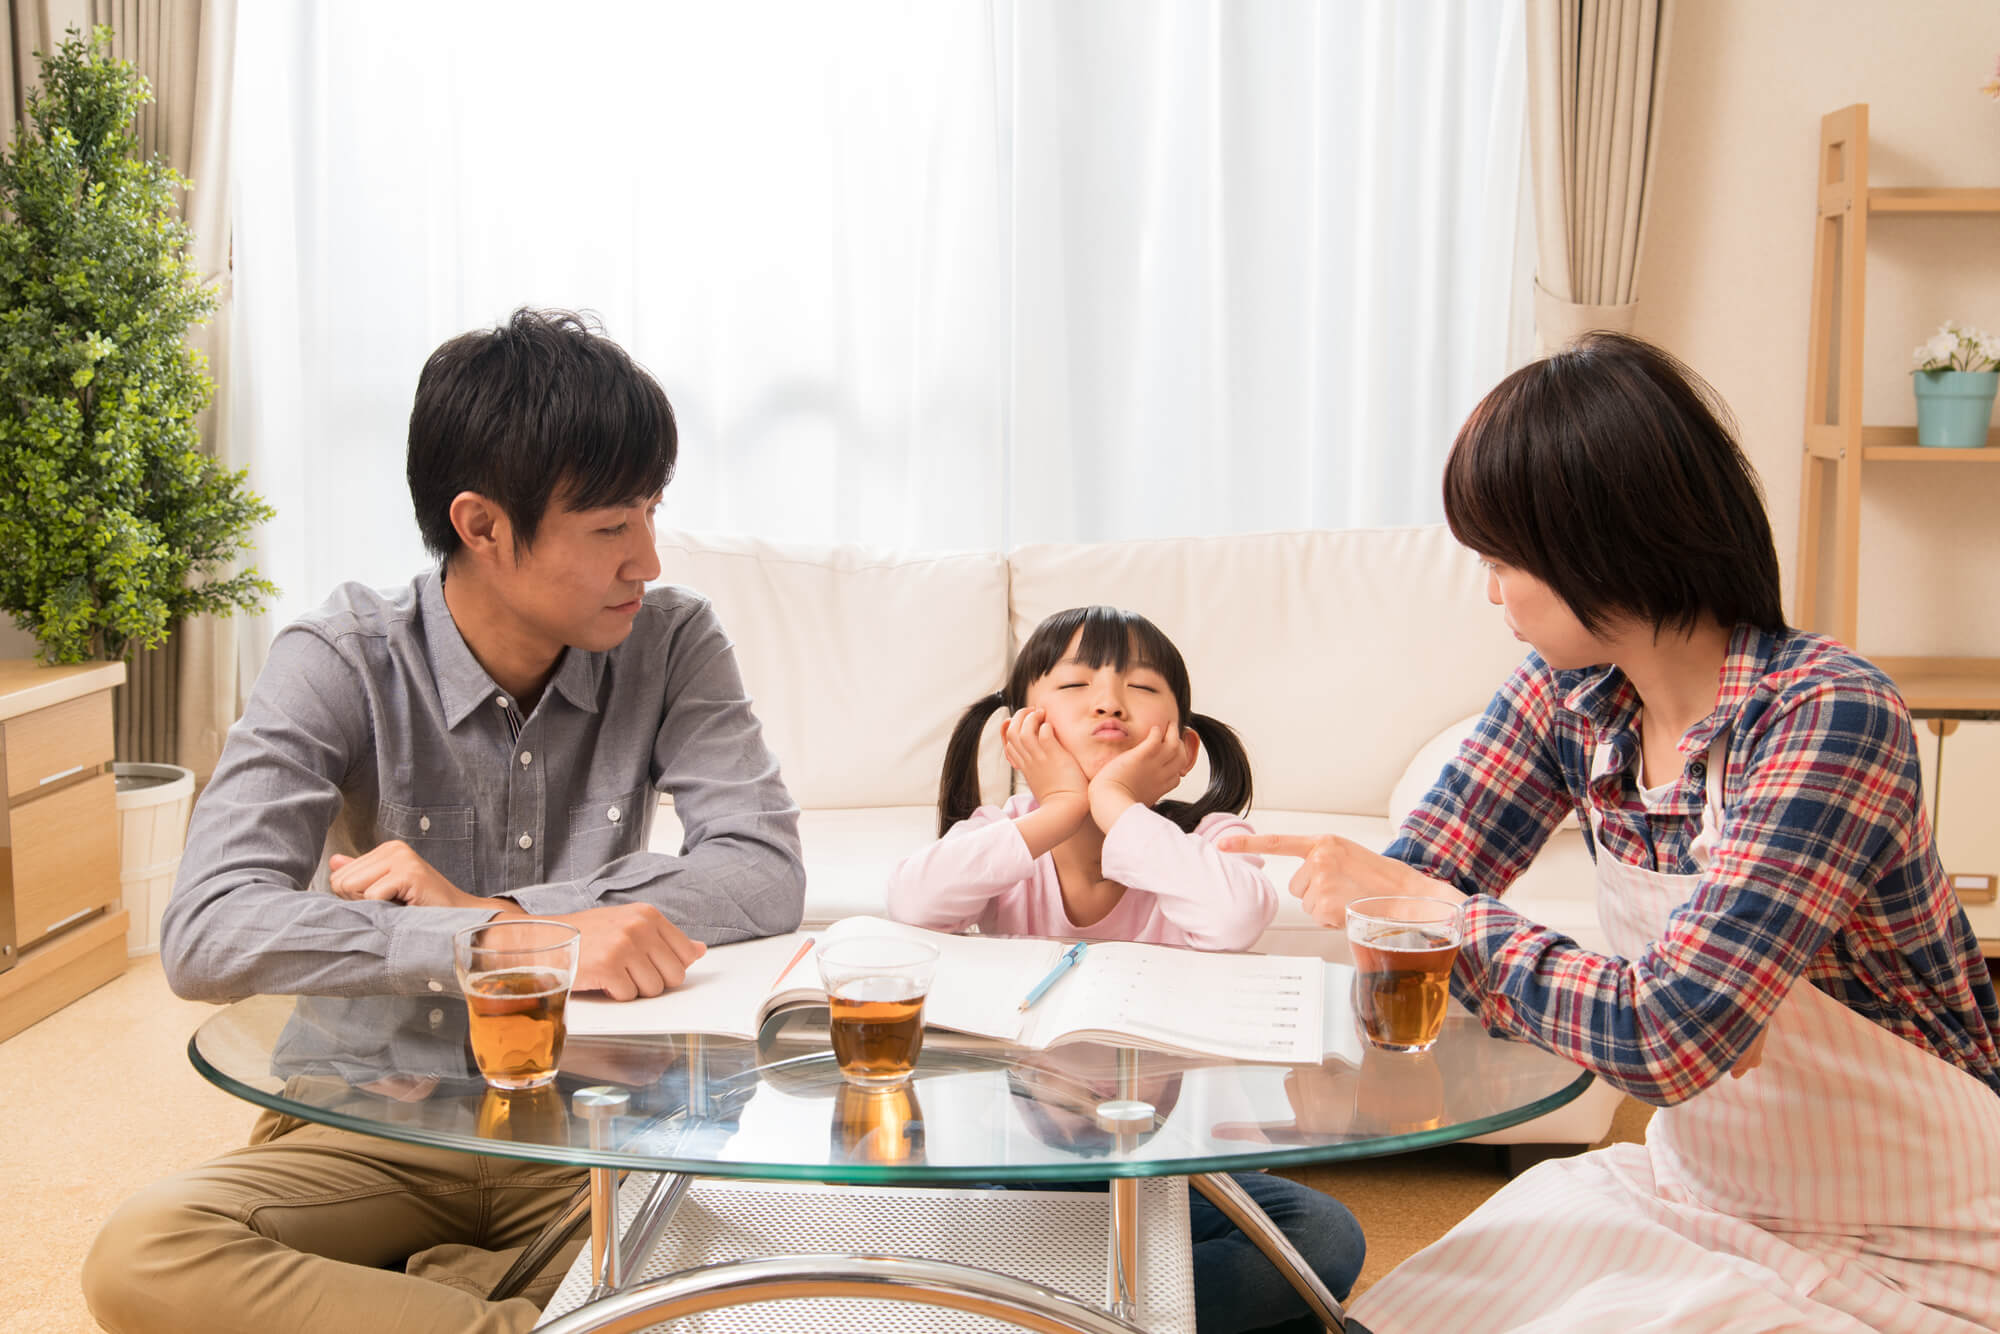 勉強に飽きた子供を見守る夫婦